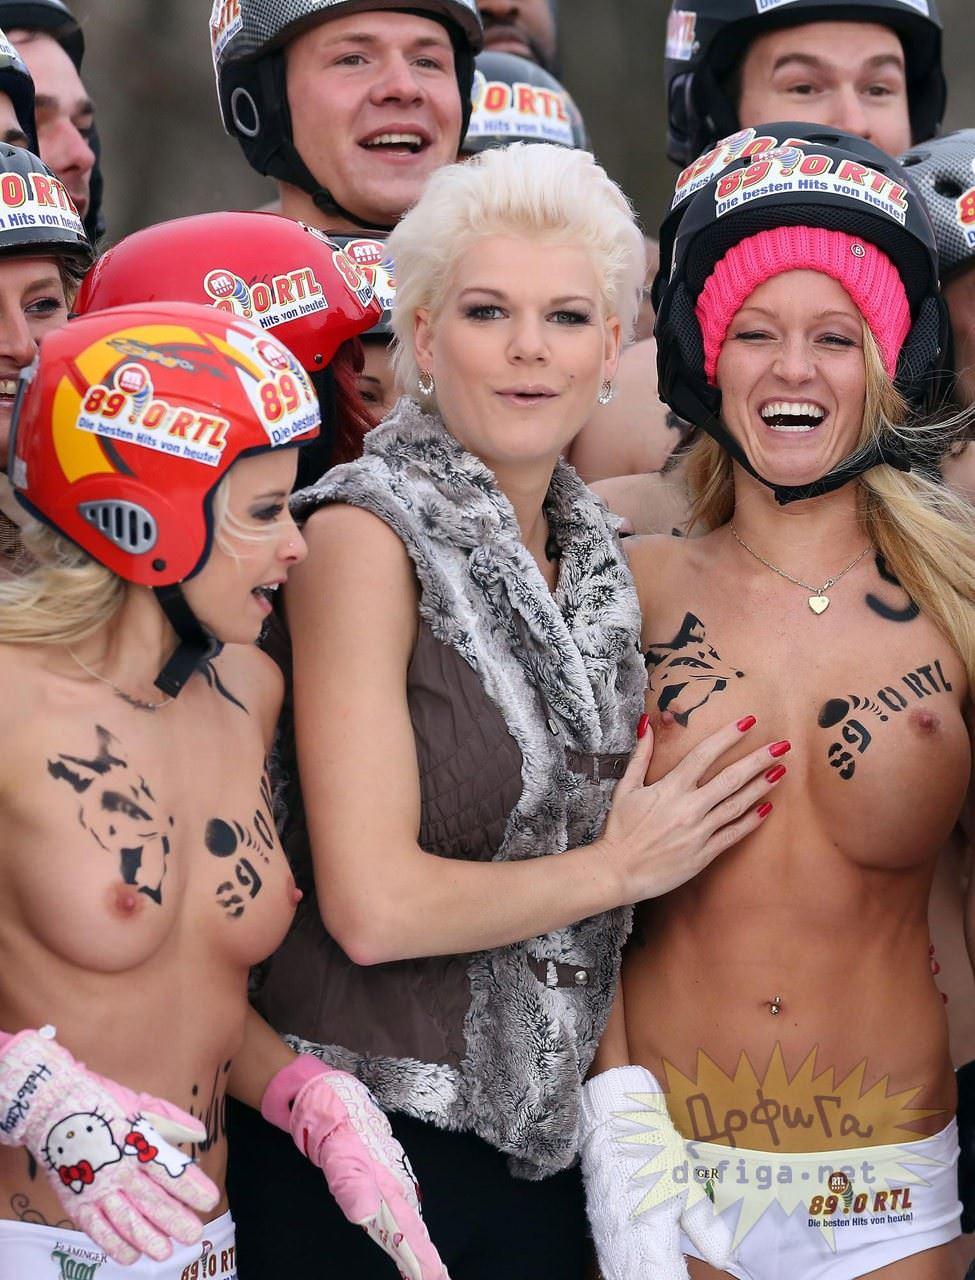 【外人】ドイツのヌードソリ世界選手権2014で金髪美女めっちゃ可愛い露出ポルノ画像 2367